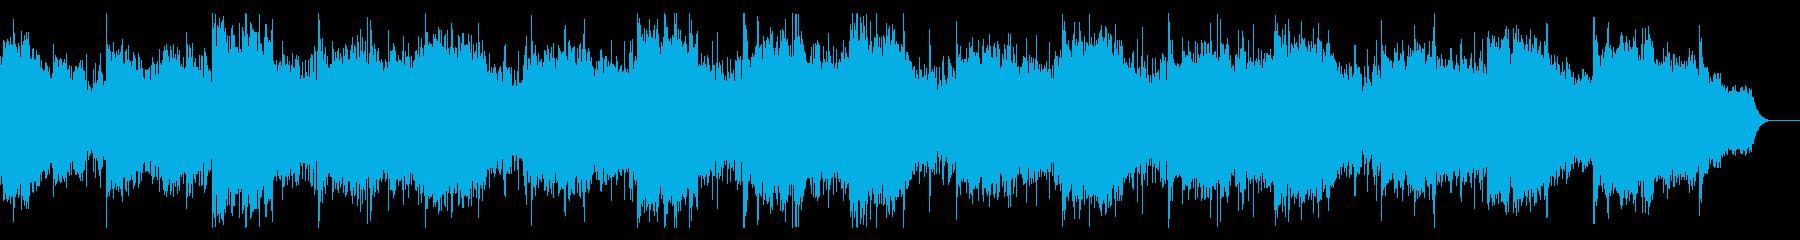 怪しくダークなテクスチャの再生済みの波形